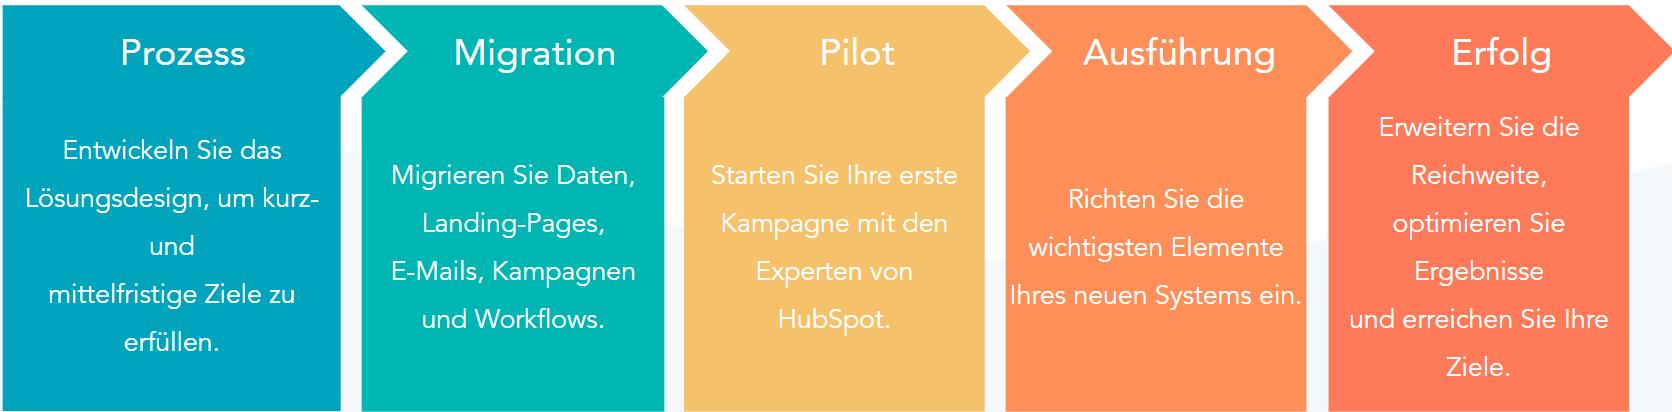 Migration von Salesforce zu HubSpot: Ablauf